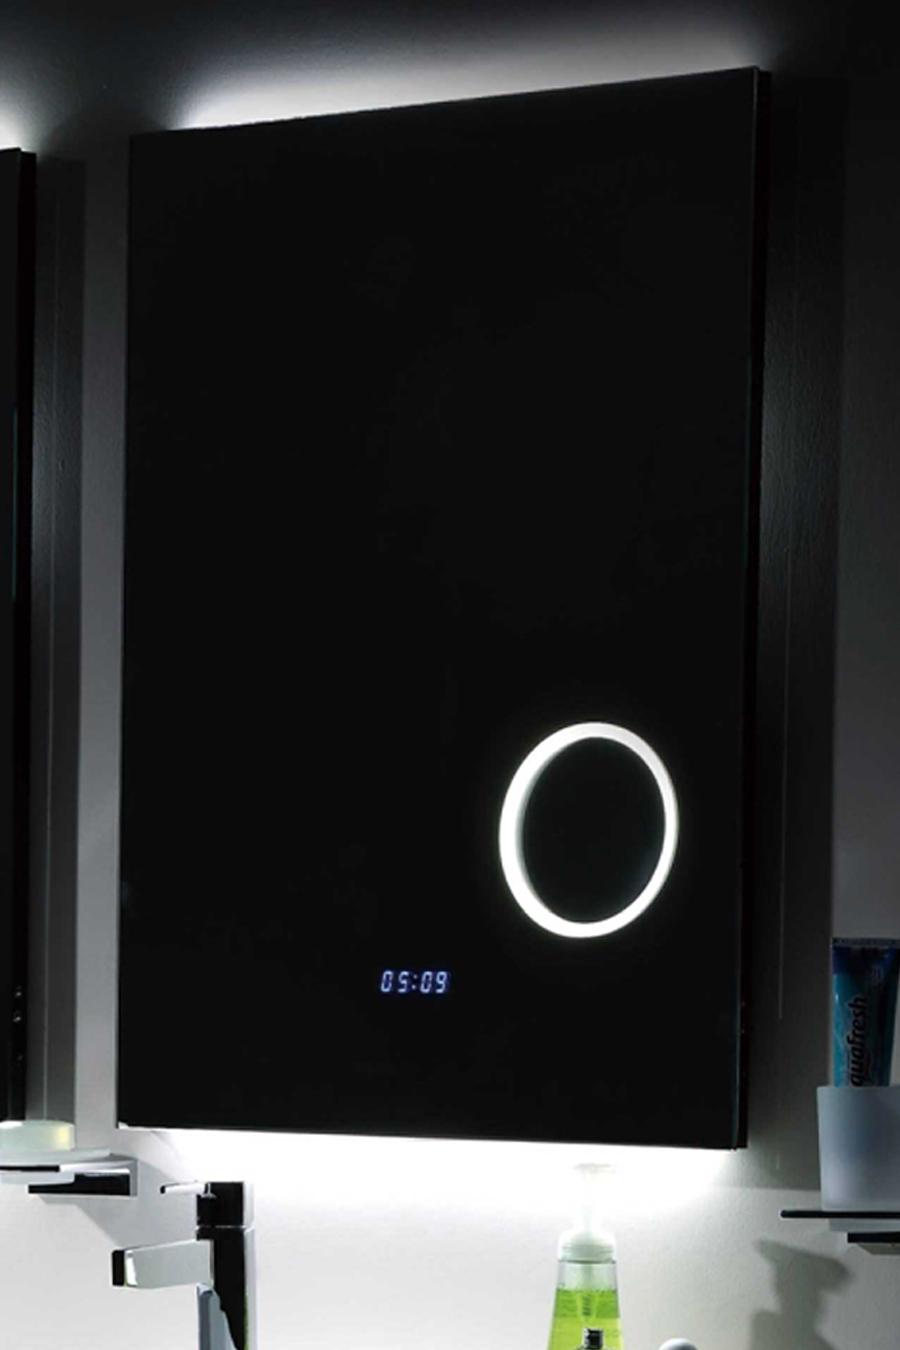 Permalink to Bathroom Mirror Digital Clock